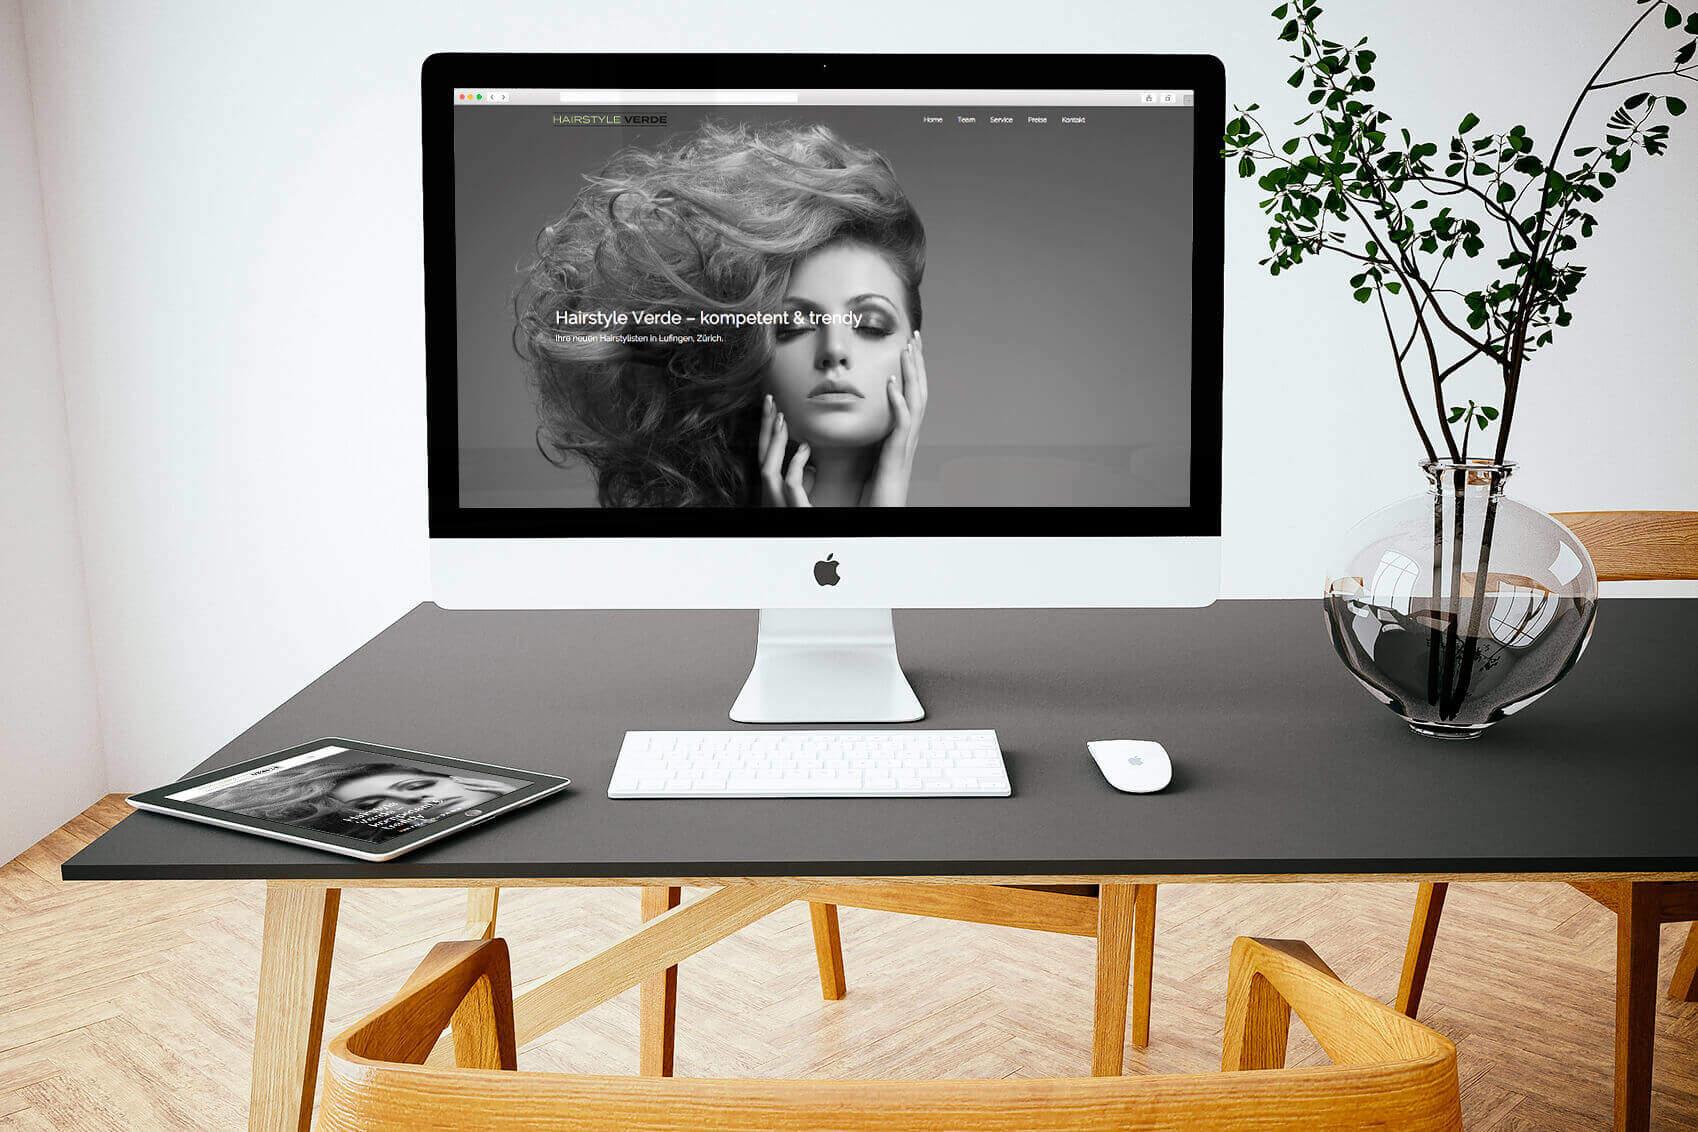 Werbeagentur Diener Design: Hairstyle Verde